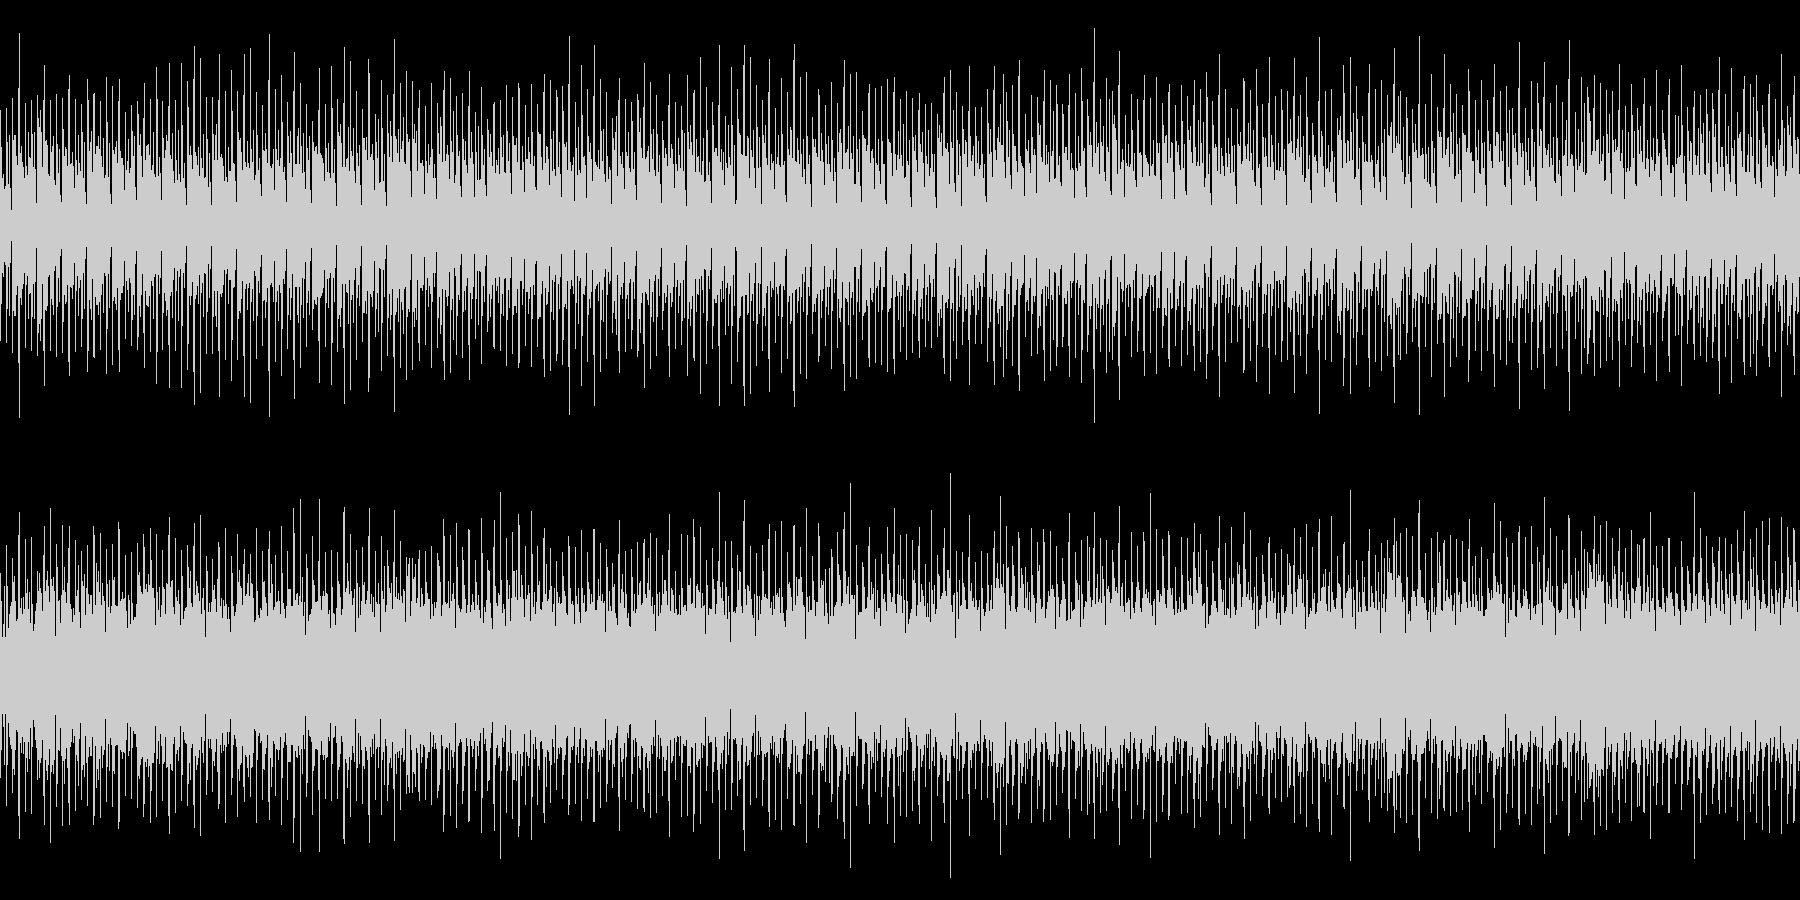 ビートの効いたBGM(ループ)の未再生の波形